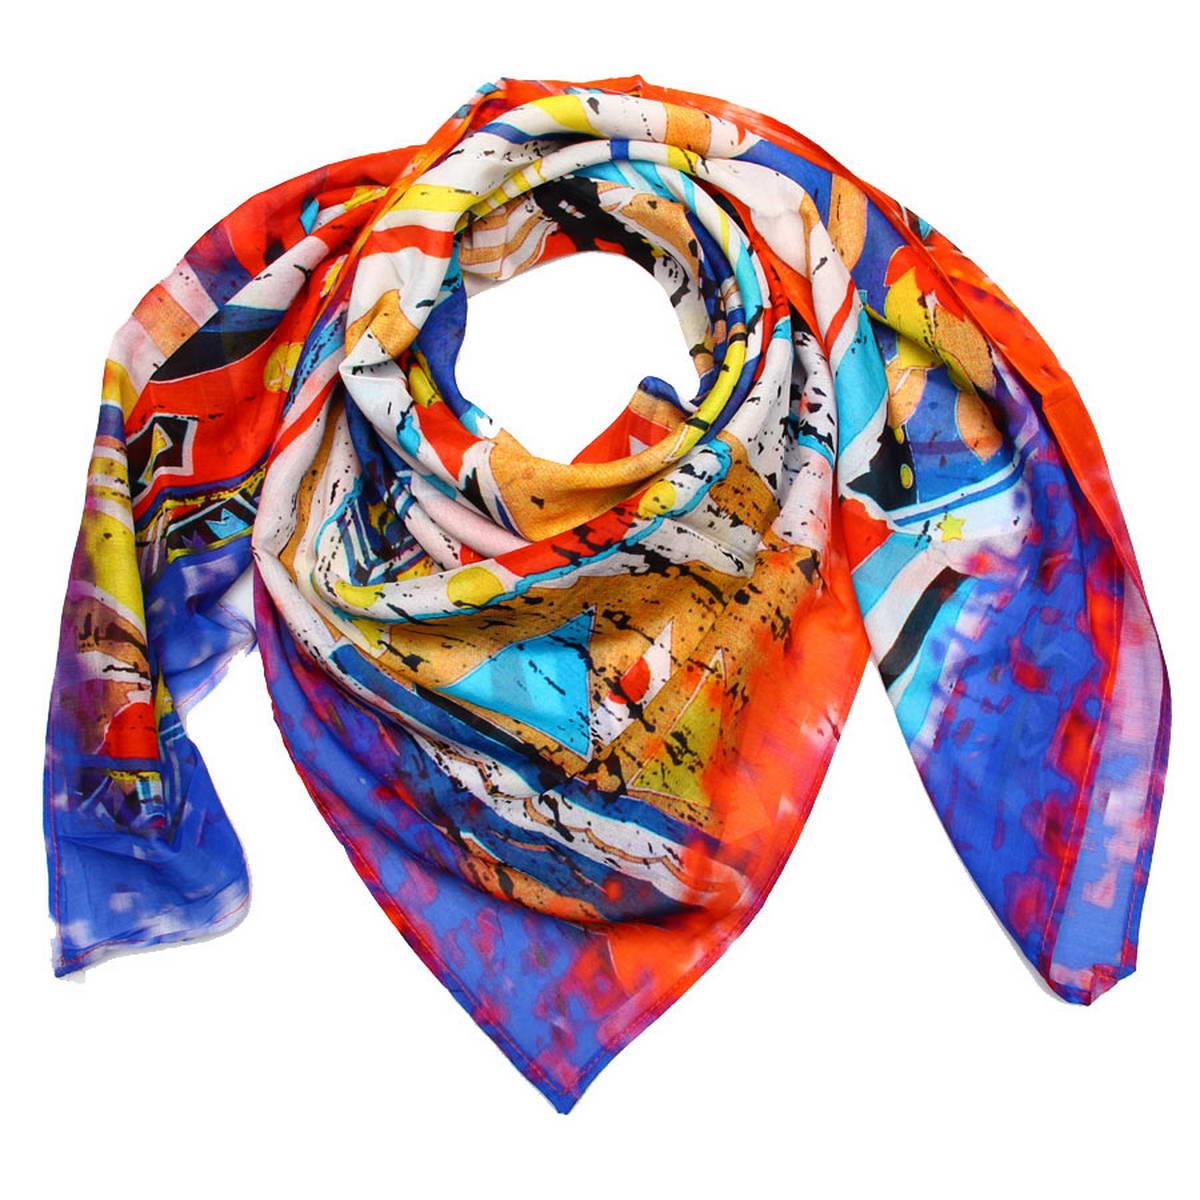 Платок женский Venera, цвет: красный, синий, желтый, белый. 5900941. Размер 100 см х 100 см5900941Стильный молодежный женский платок Venera изготовлен из шелка и хлопка безупречного качества. Такой платок станет неотъемлемым элементом вашего гардероба.Яркие, насыщенные цвета и забавный рисунок подчеркнут нестандартность и экстравагантность женского образа. Края платка обработаны машинной отстрочкой.Классическая квадратная форма позволяет носить платок на шее, украшать им прическу или декорировать сумочку.Платок Venera превосходно дополнит любой наряд и подчеркнет ваш неповторимый вкус.